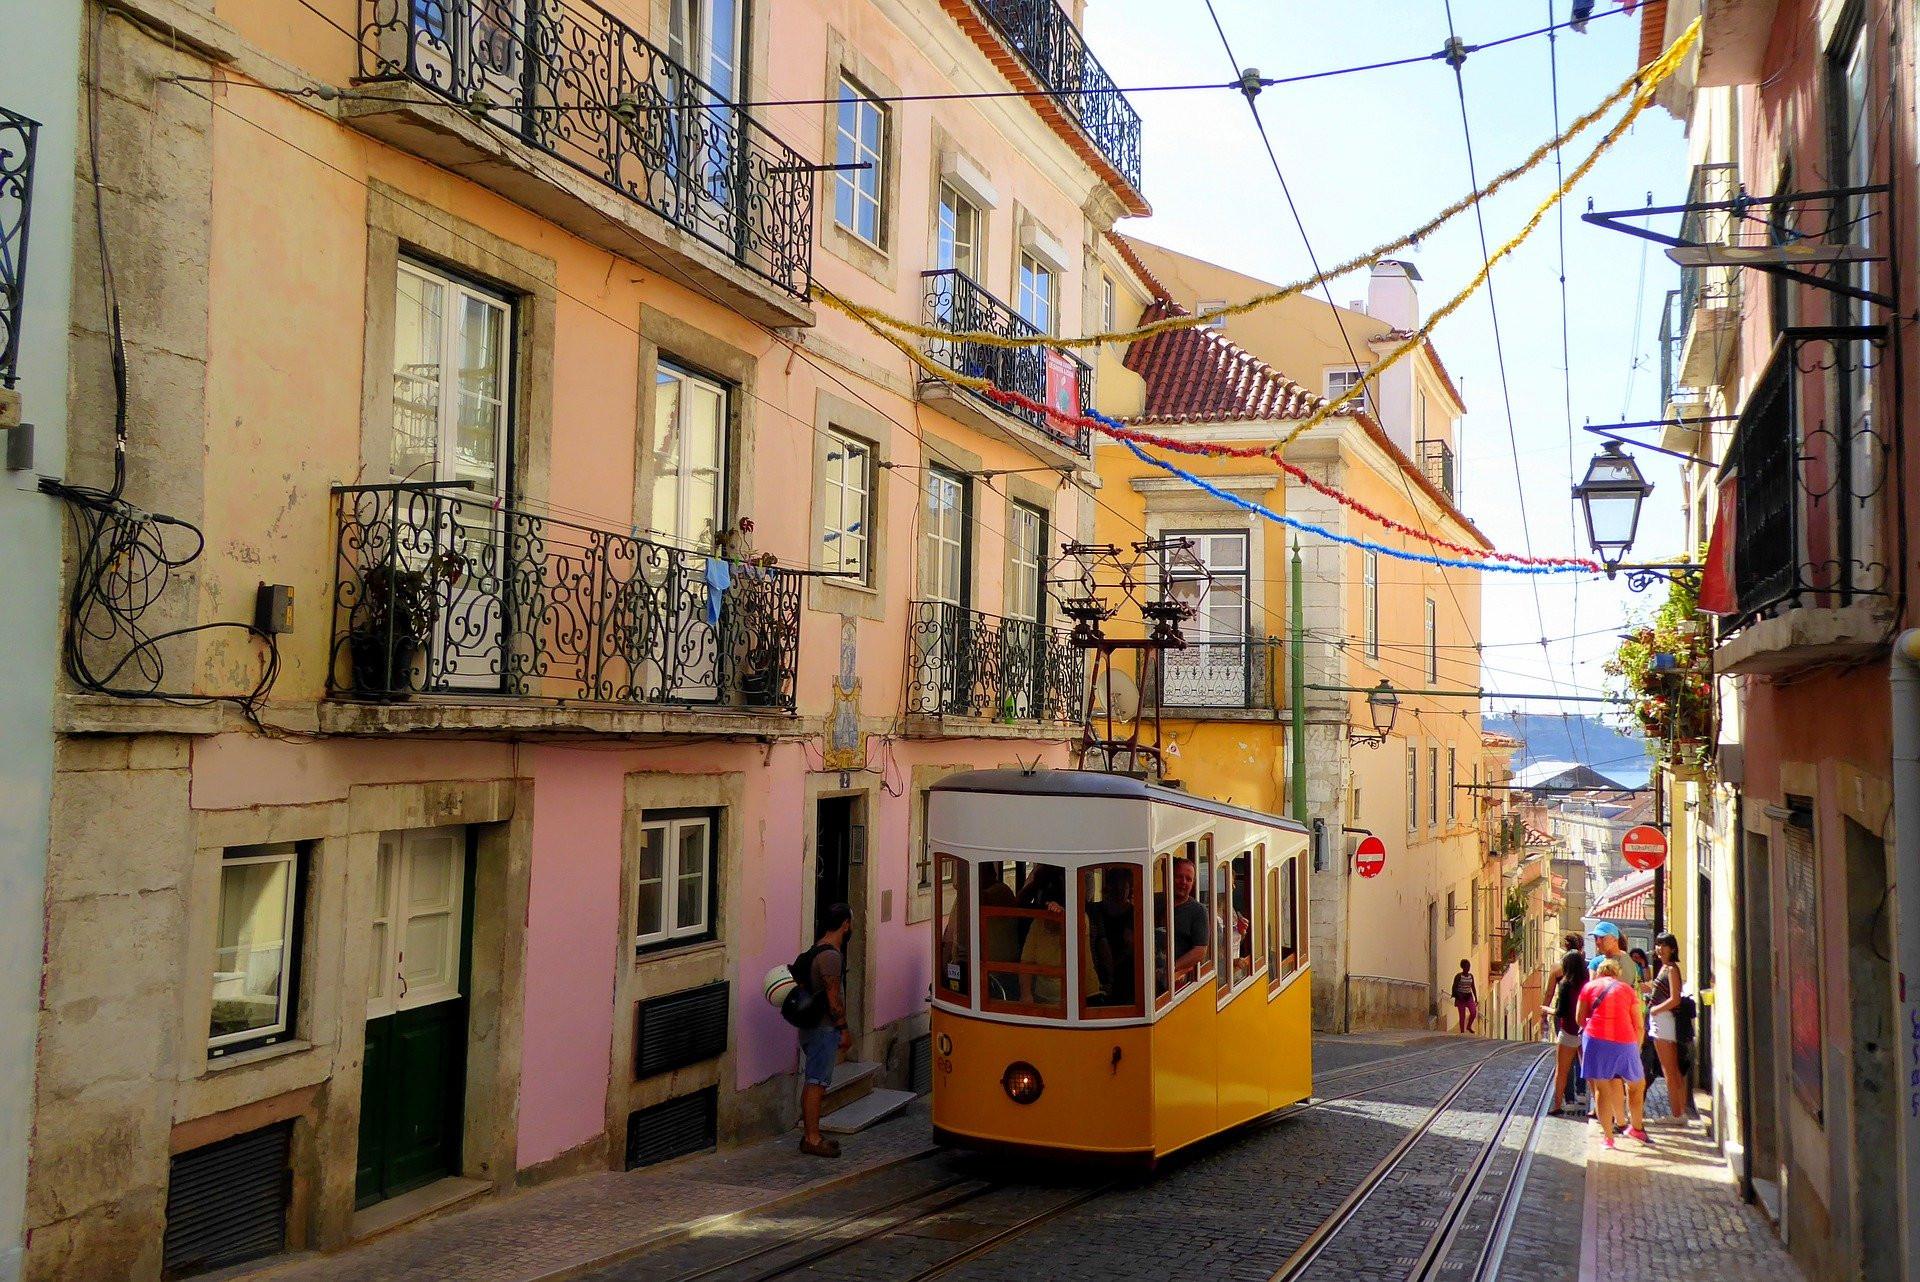 Lisbonne et ses trams